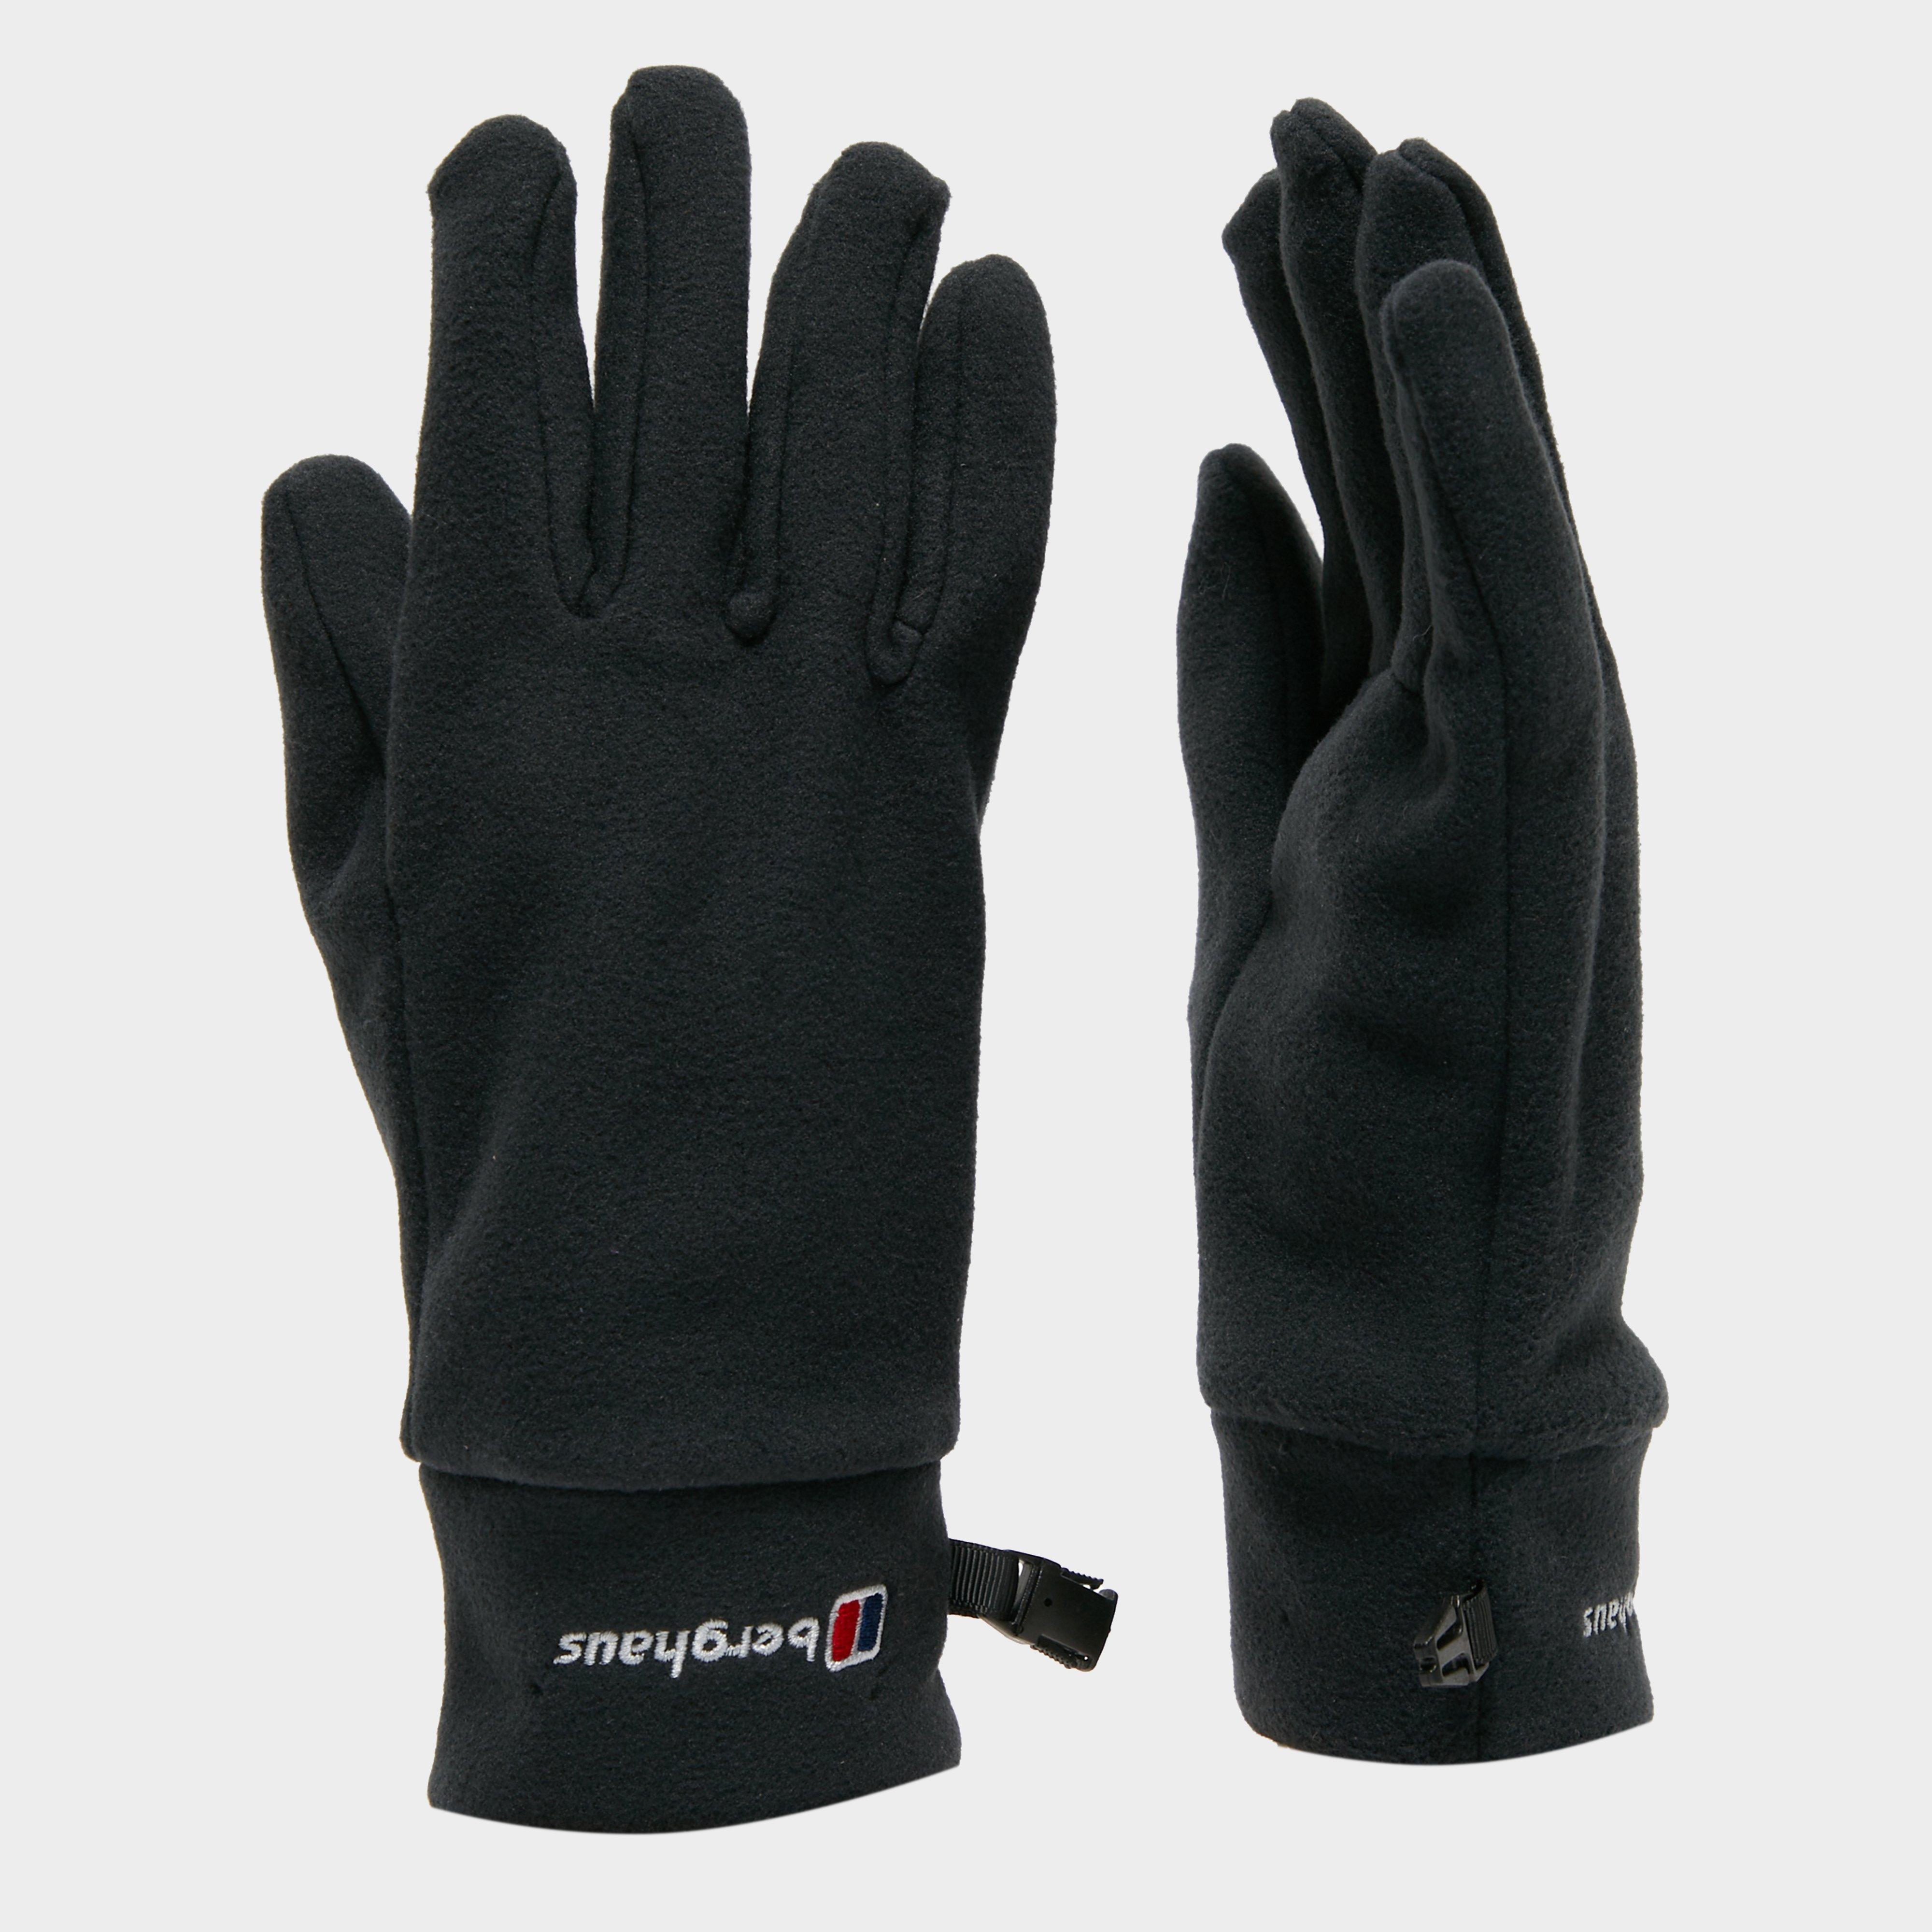 Berghaus Unisex Spectrum Gloves - Black/white  Black/white